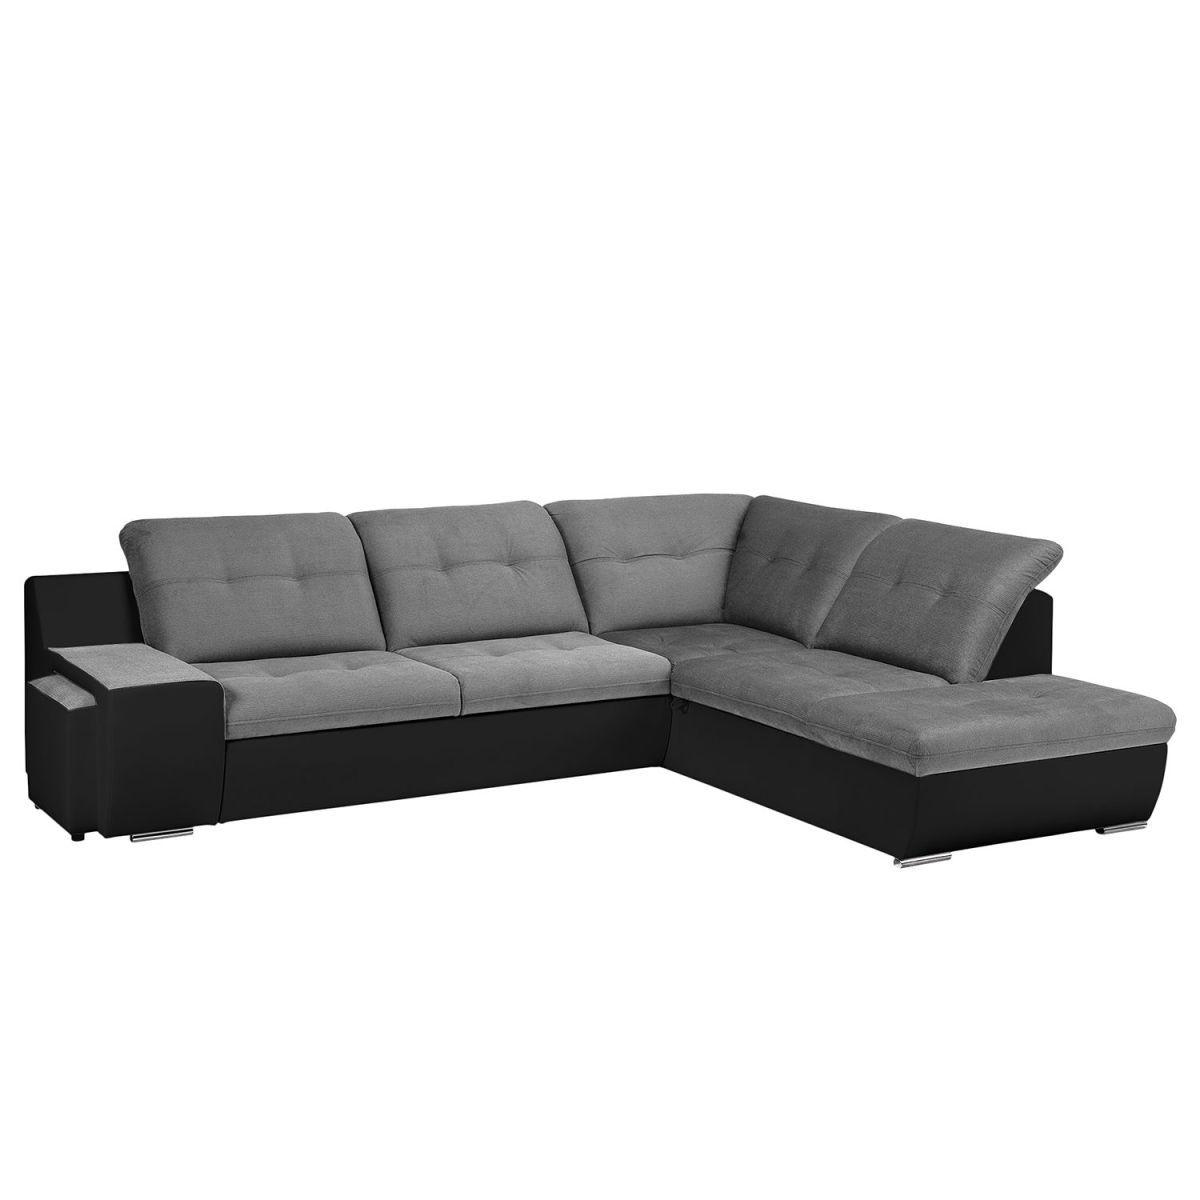 Bezaubernd Sofa Mit Ottomane Und Schlaffunktion Das Beste Von Ecksofa New Rockford I Kunstleder/microfaser - -